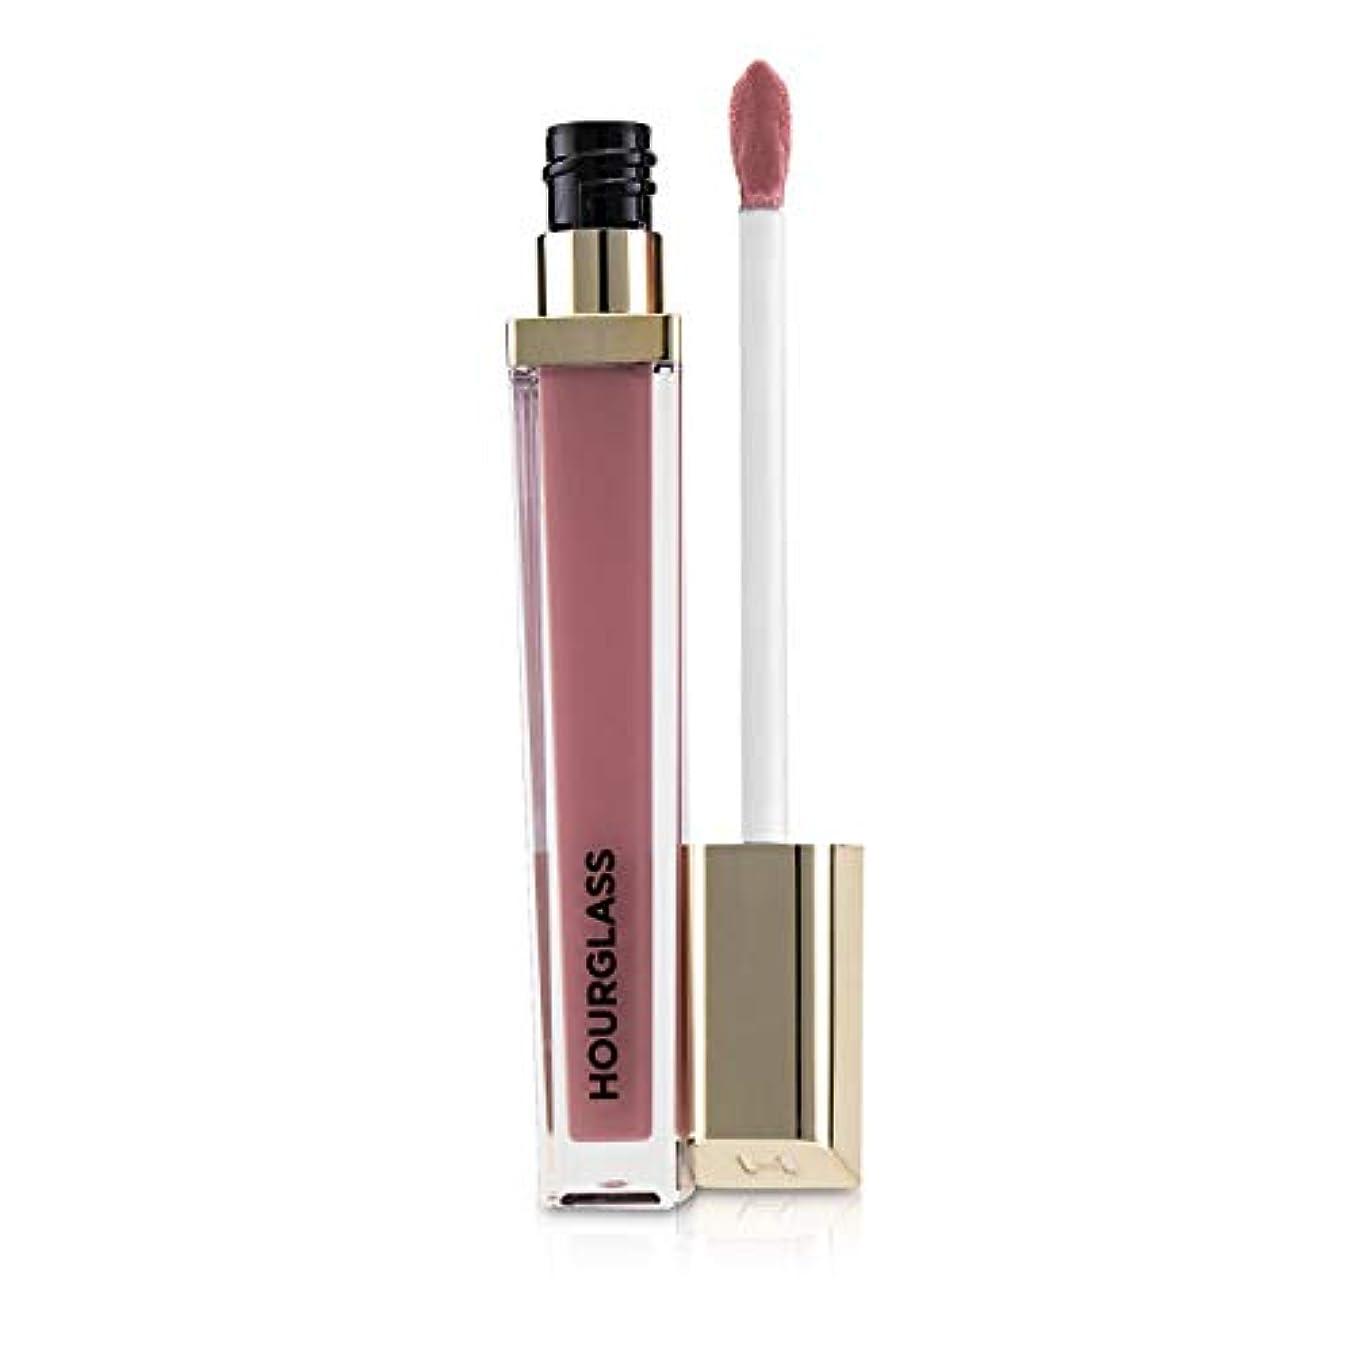 キャリッジ暖かさ避けられないアワーグラス Unreal High Shine Volumizing Lip Gloss - # Enchant (Soft Pink) 5.6g/0.2oz並行輸入品